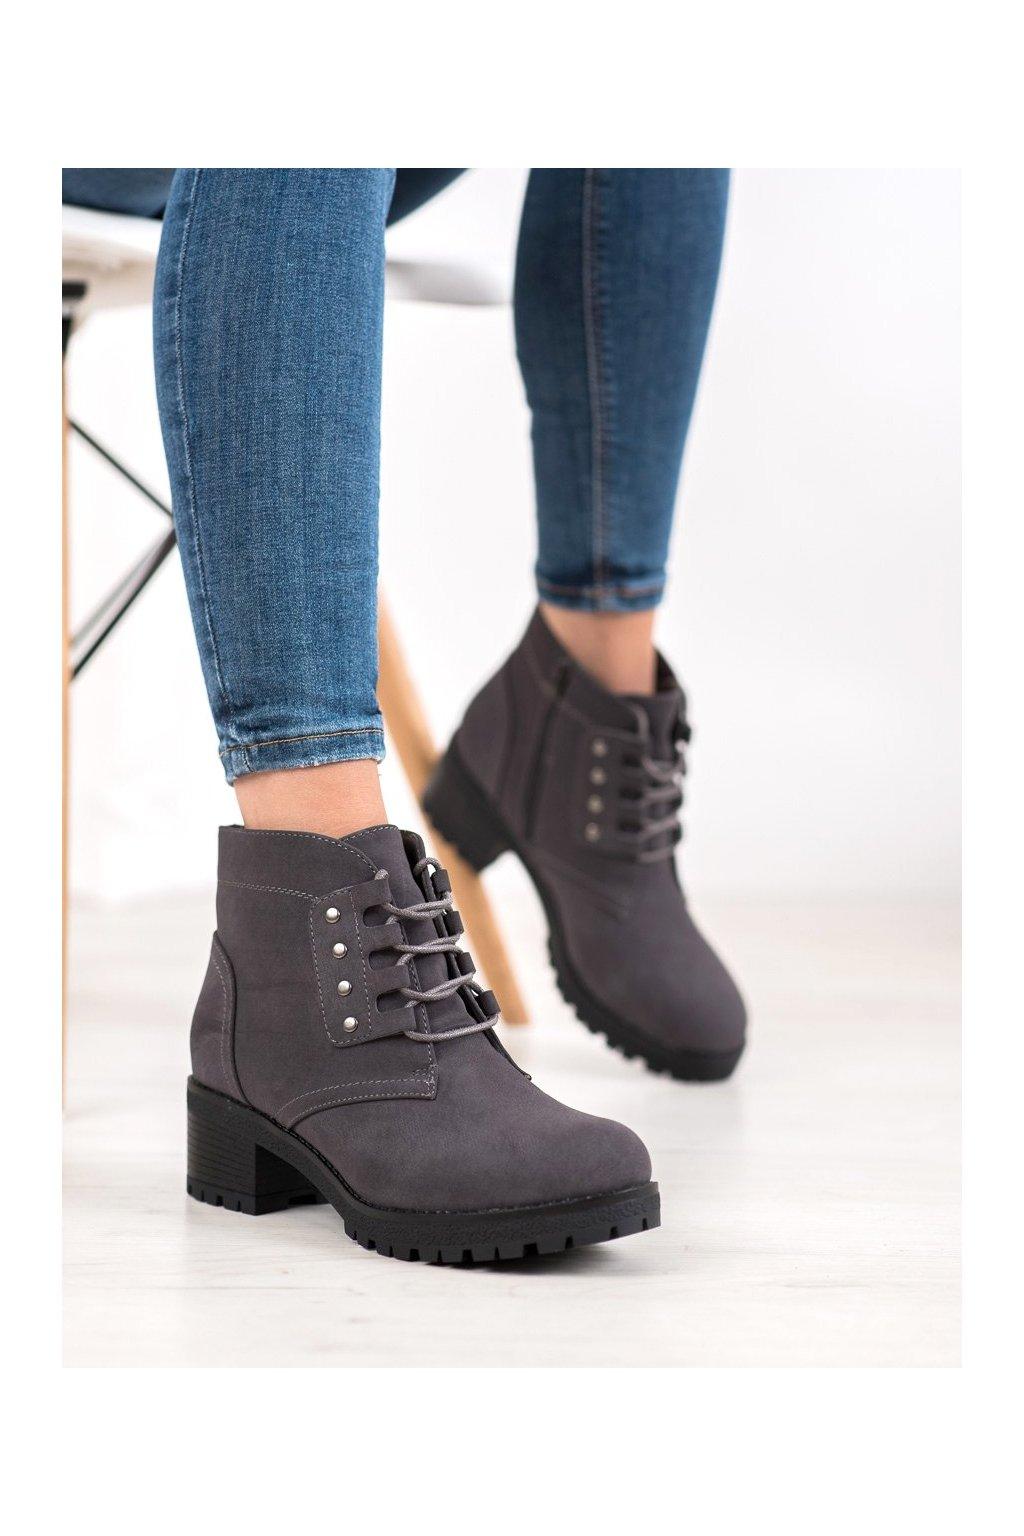 Sivé dámske topánky J. star kod V19009G